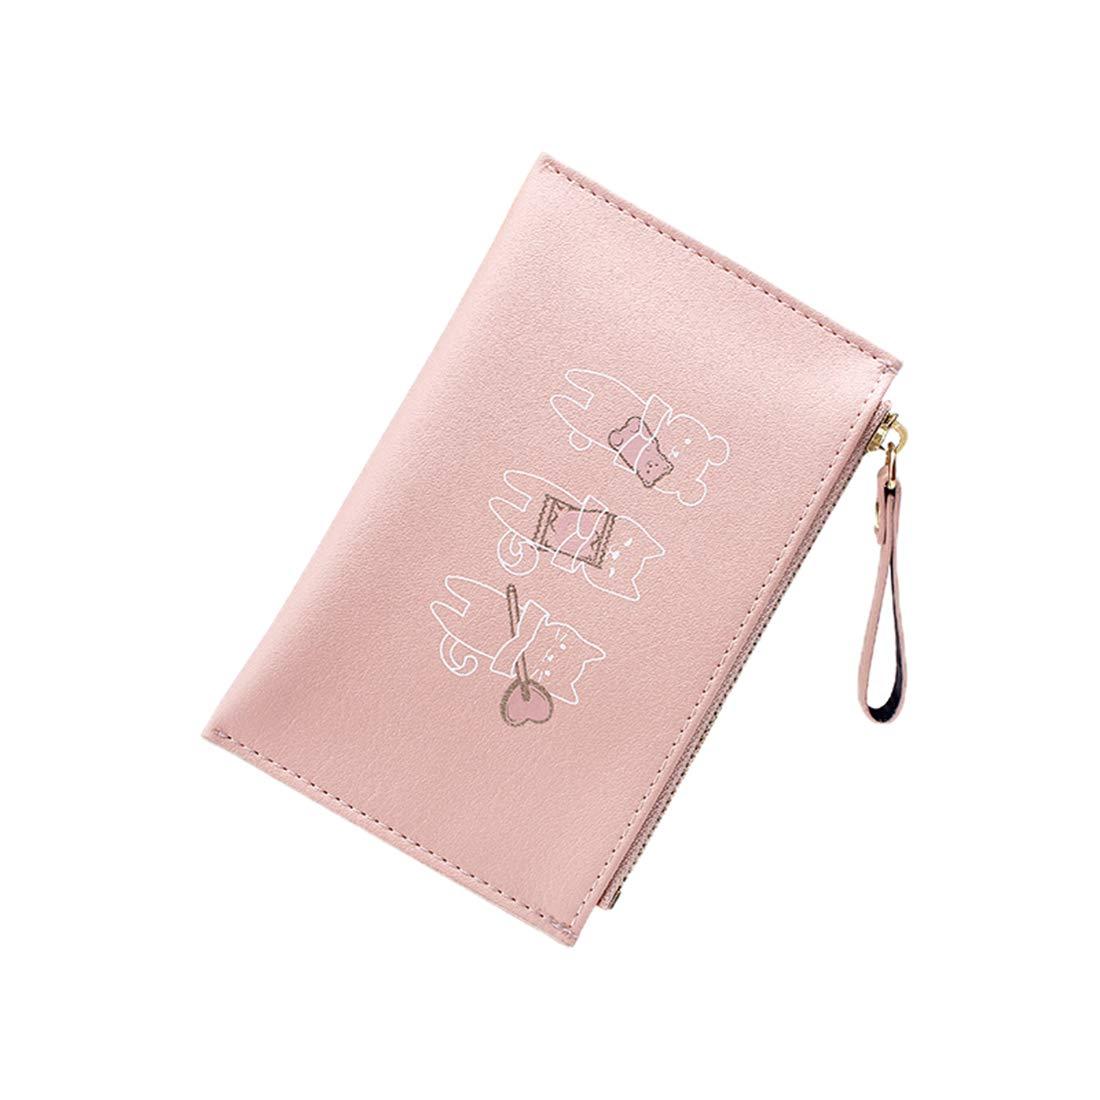 Jnday Kurz Dünn Portemonnaie Hotstyle Cute Geldbörse Girl Geldbeutel Hochwertig Campus Brieftasche mit Muster Wallet Reißverschluss Handtasche (Grau)